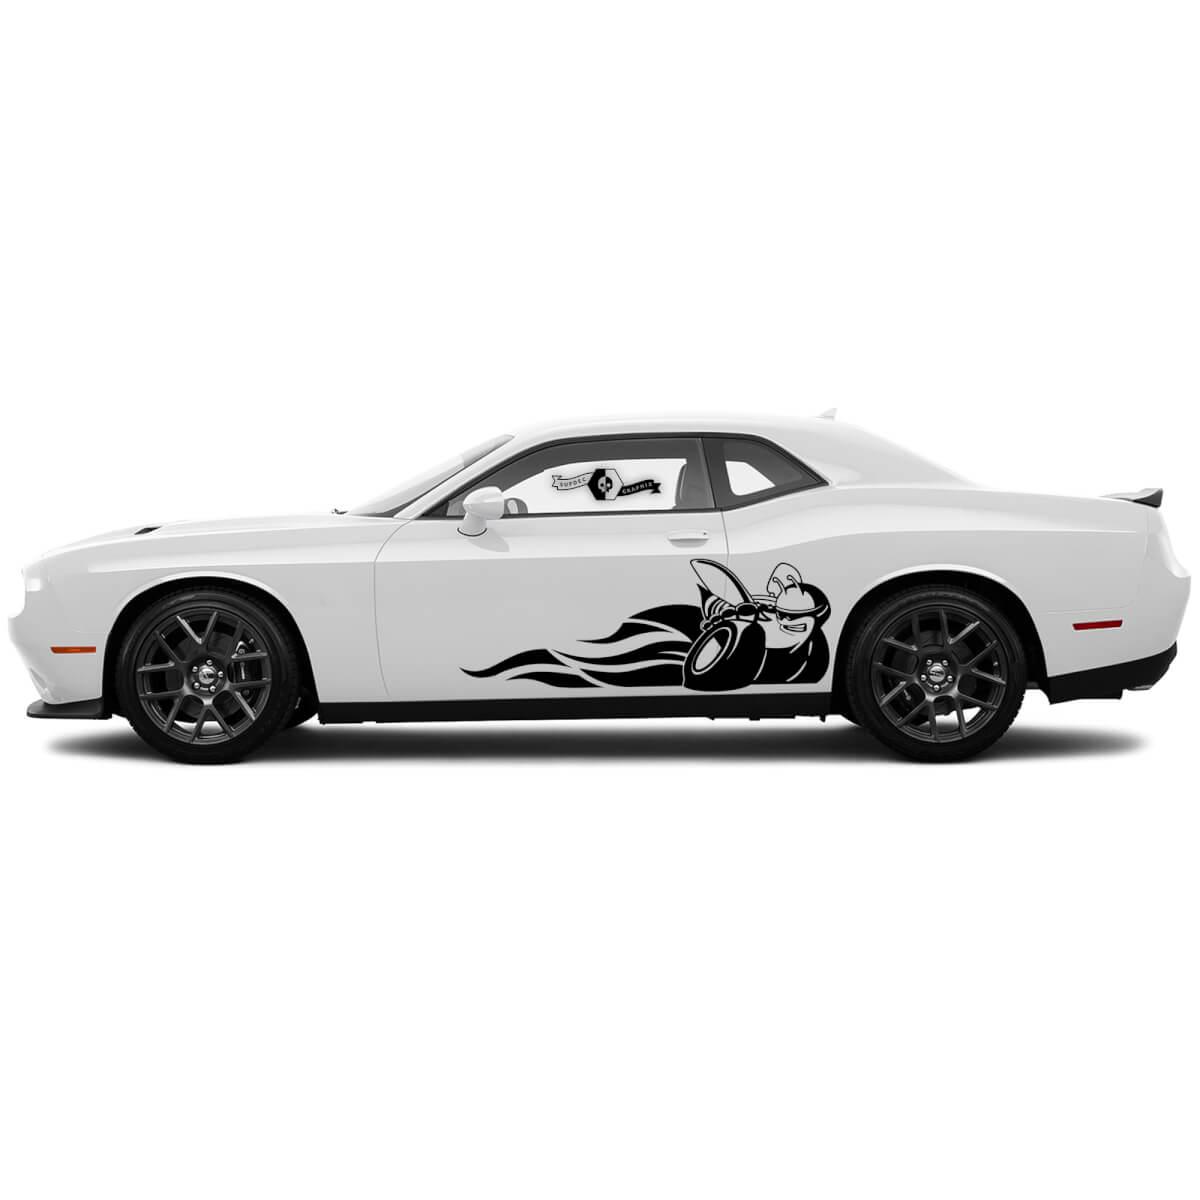 2 Side Dodge Challenger Scat Pack Flames Side Vinyl Decals Graphics Aufkleber